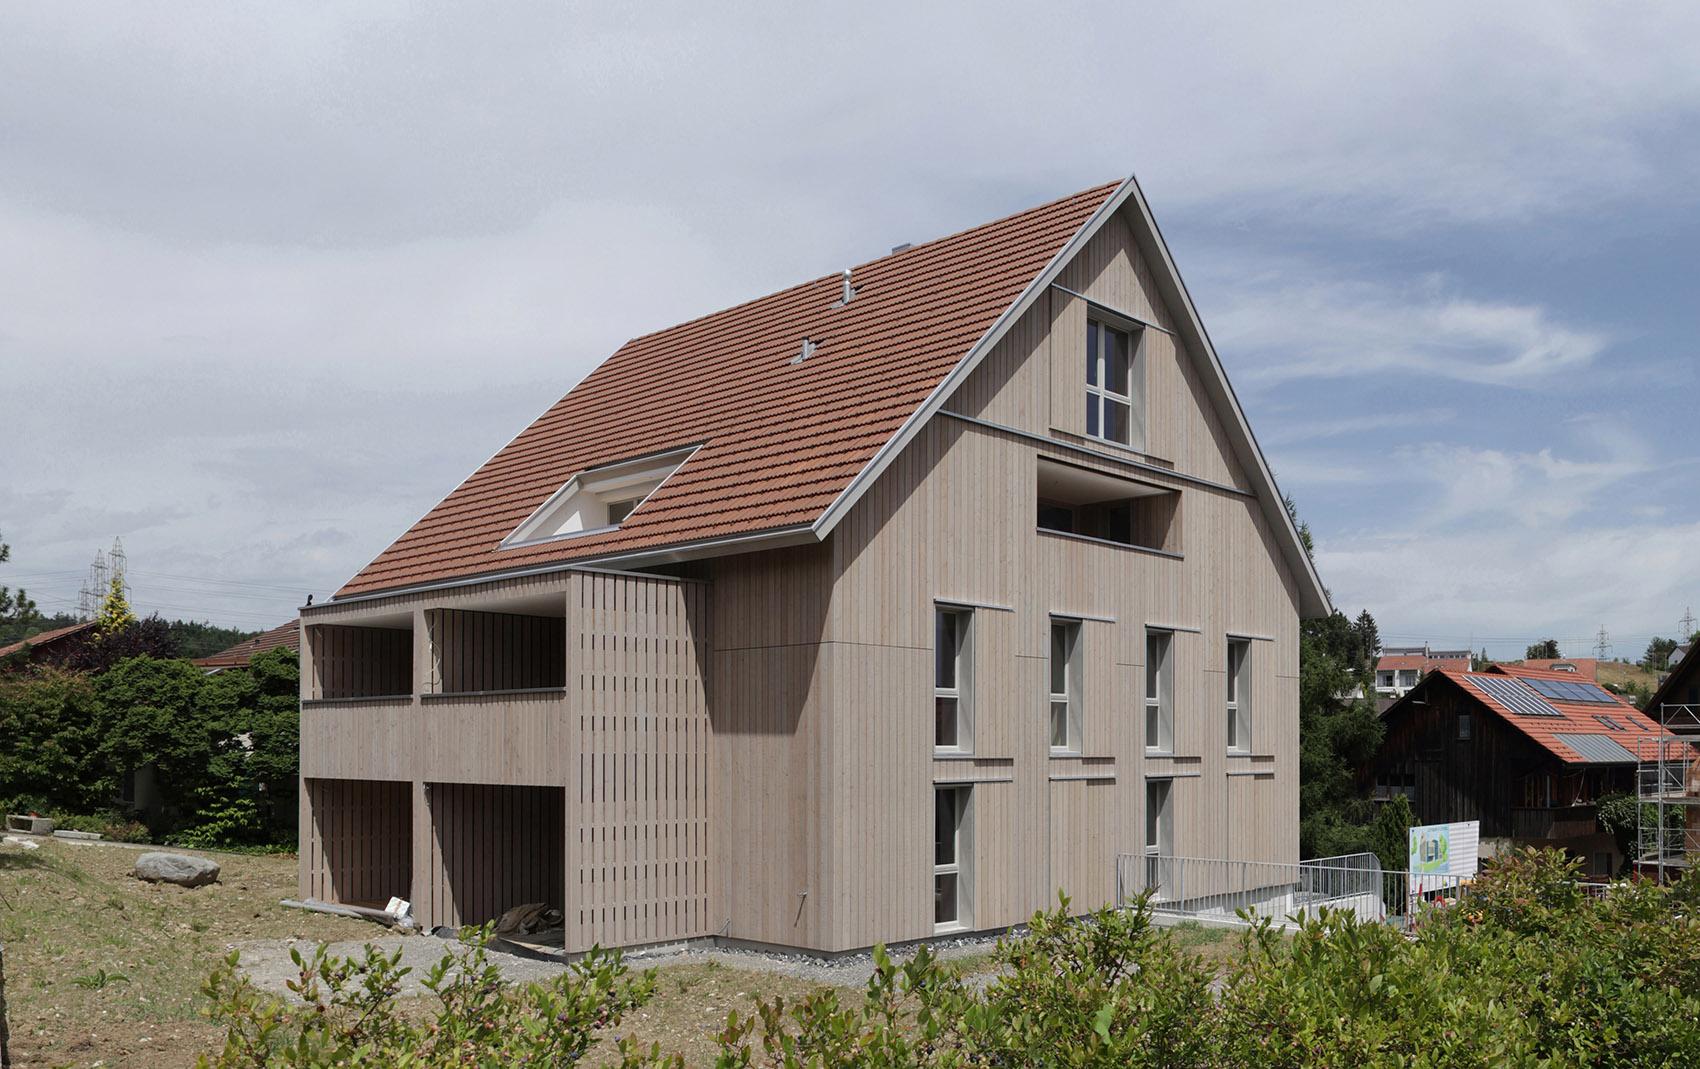 Hinterdorfstrasse lindau zh de biasio scherrer architekten - Architekten lindau ...